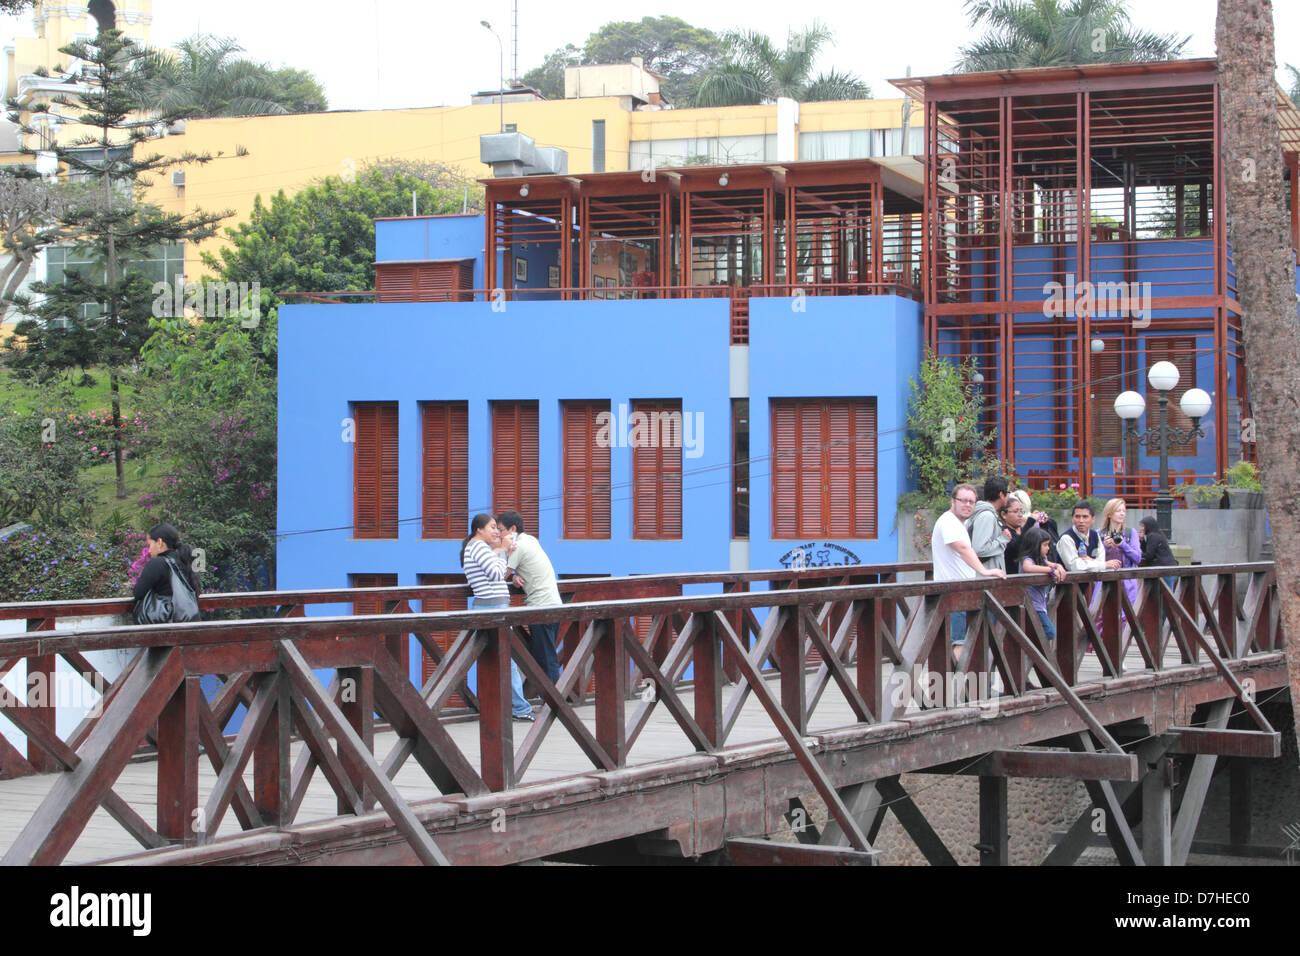 Peru Lima Barranco Puente de los Suspiros bridge of sighs - Stock Image